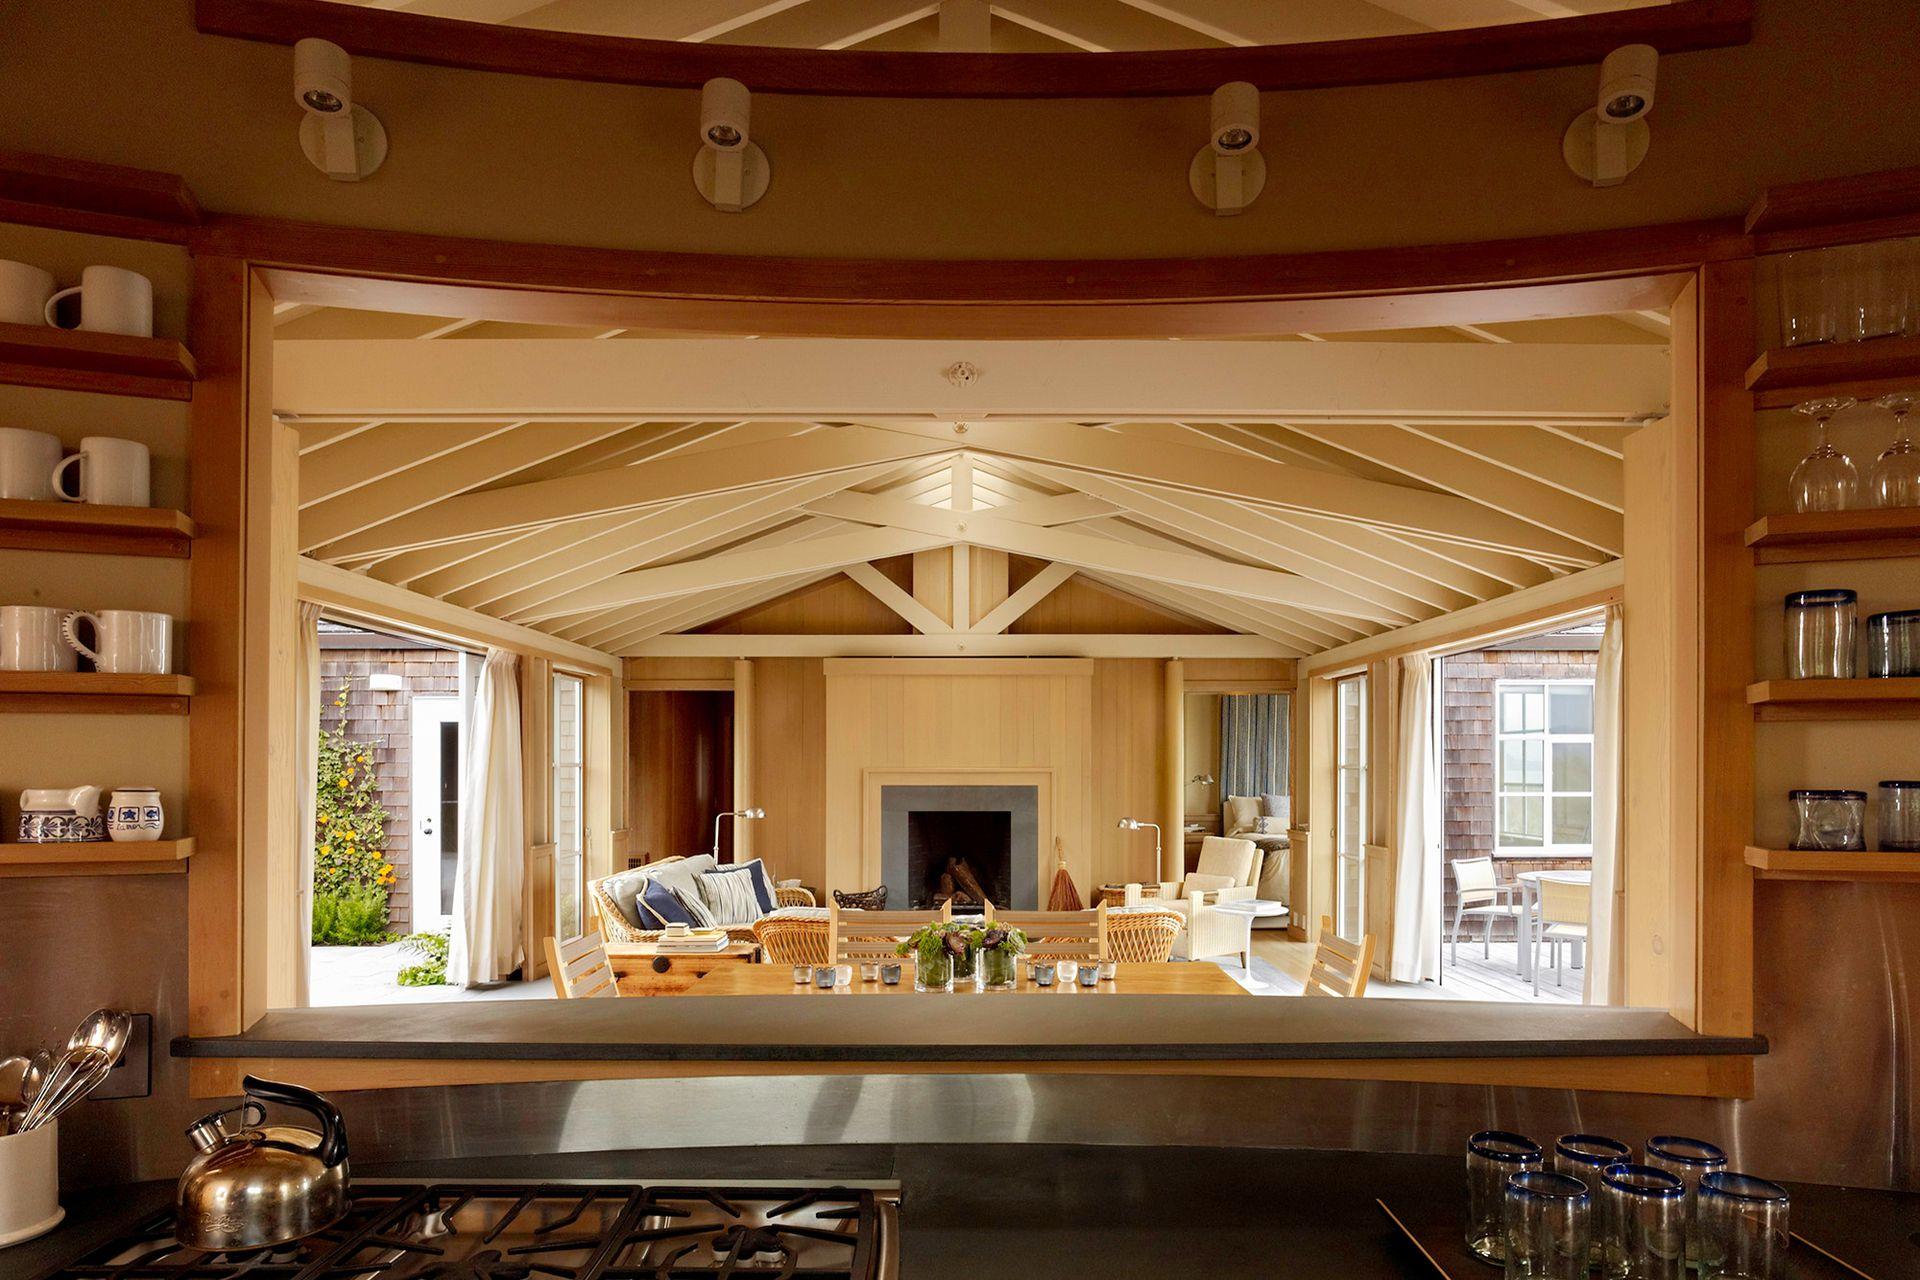 Una abertura conecta a la cocina con el living.